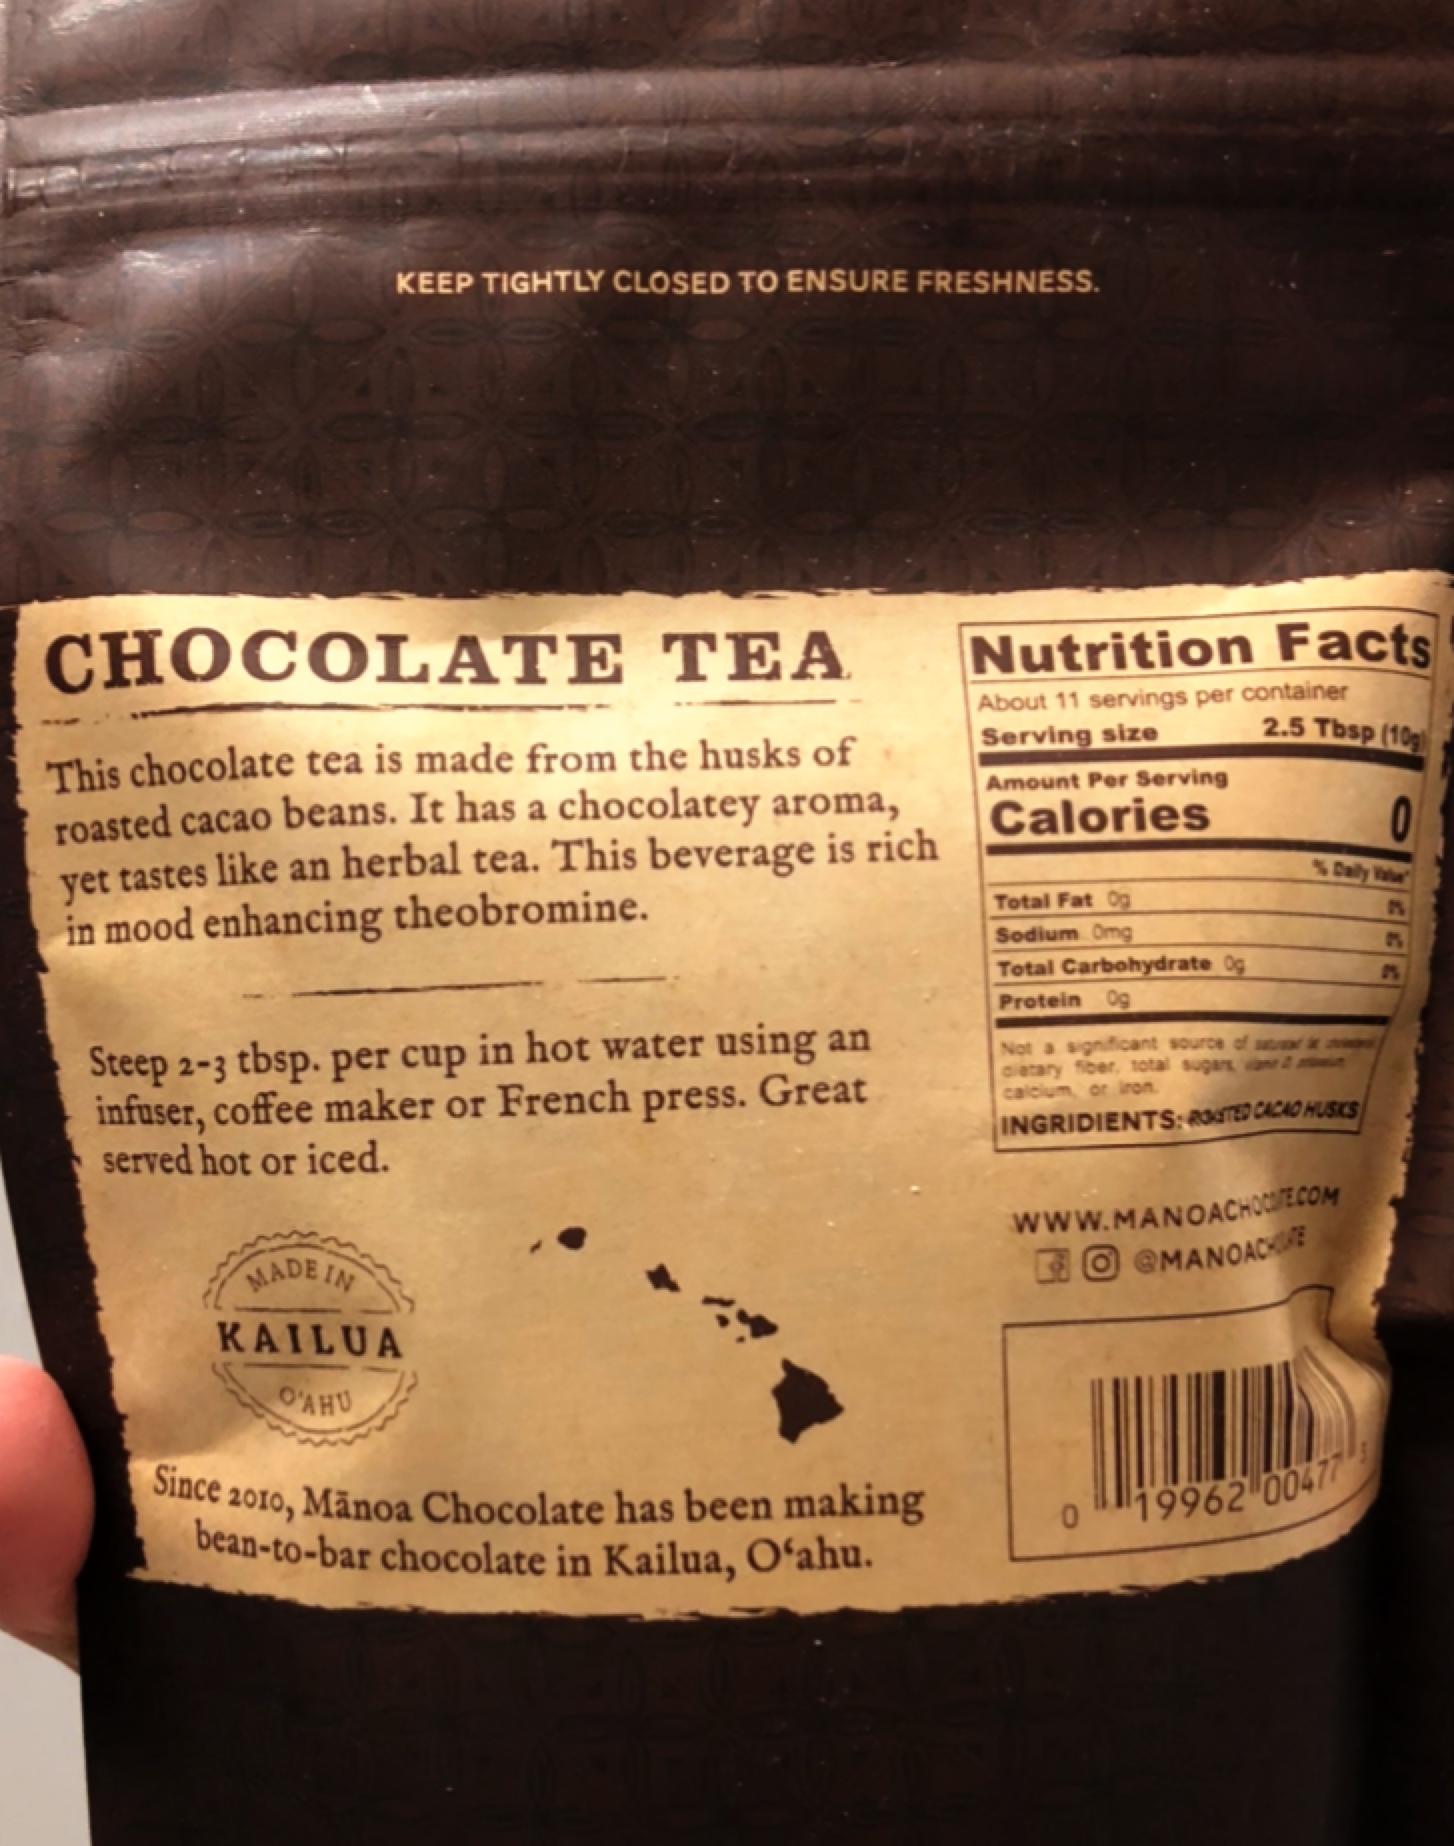 【#ハワイお取寄せ】チョコの芳醇な香りで幸せ気分♡低カフェインでリラックス効果抜群のナチュラルチョコレートティー_3